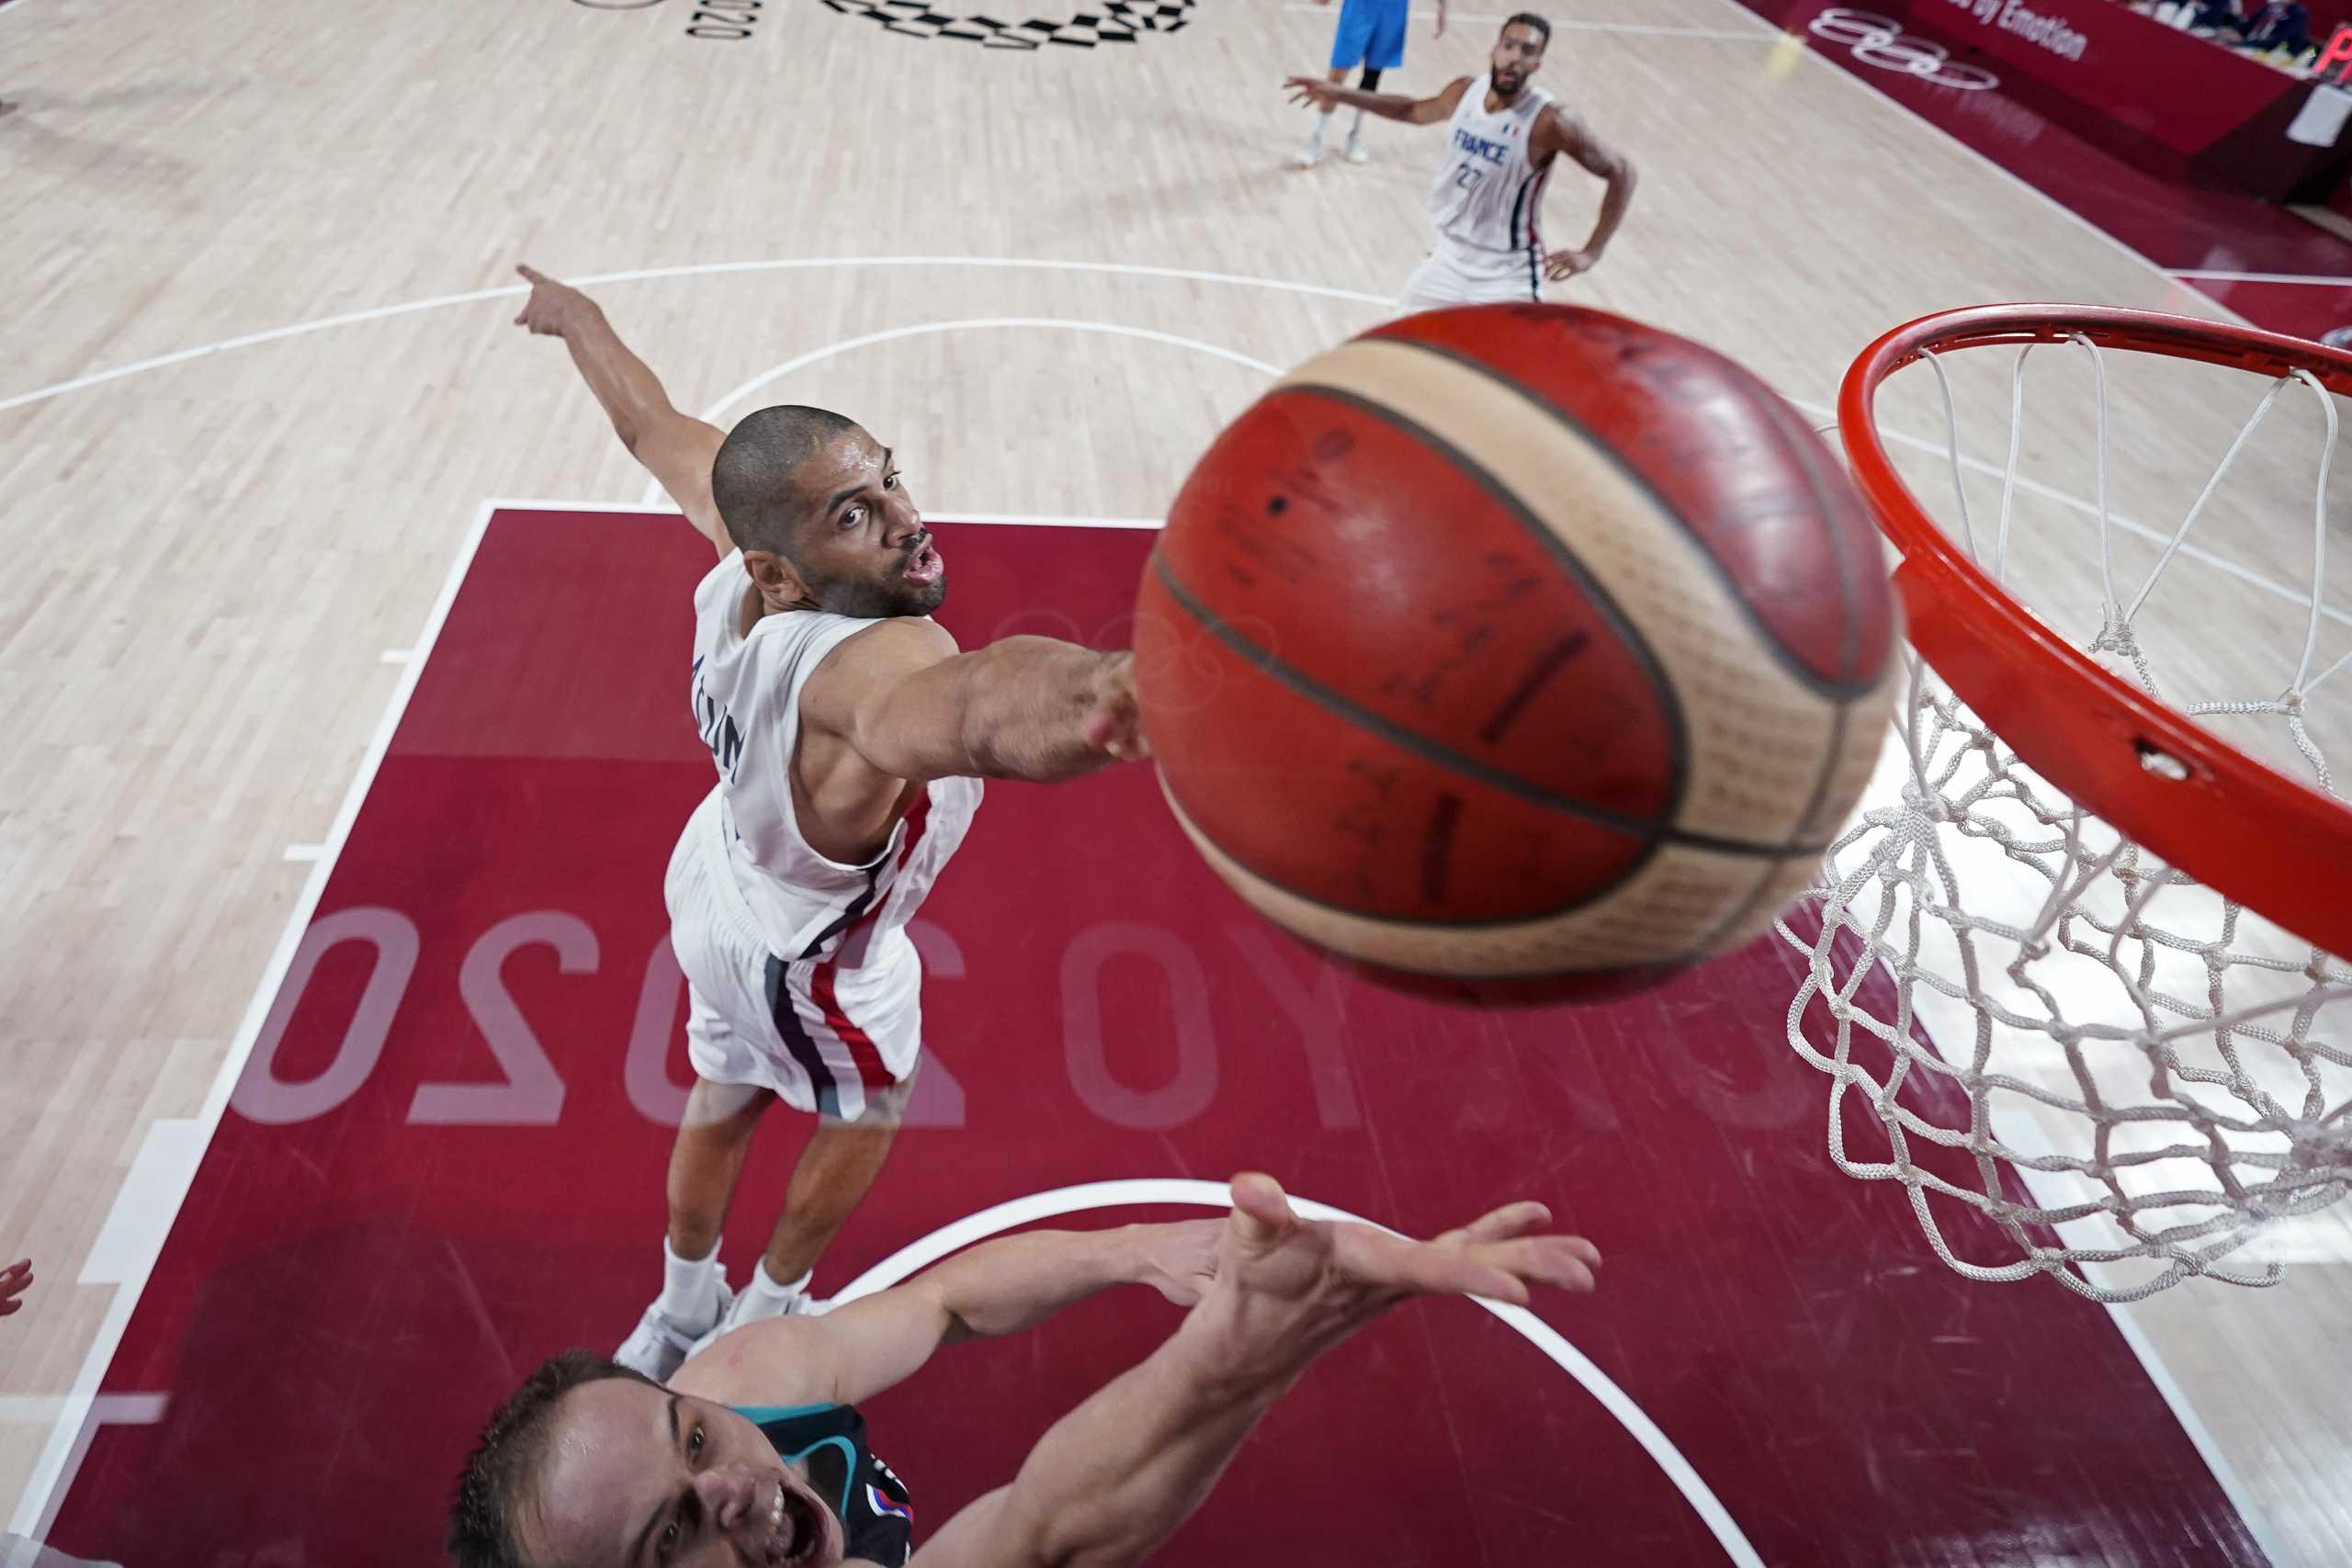 Γαλλία – Σλοβενία: Το δραματικό φινάλε του ημιτελικού στο τουρνουά μπάσκετ